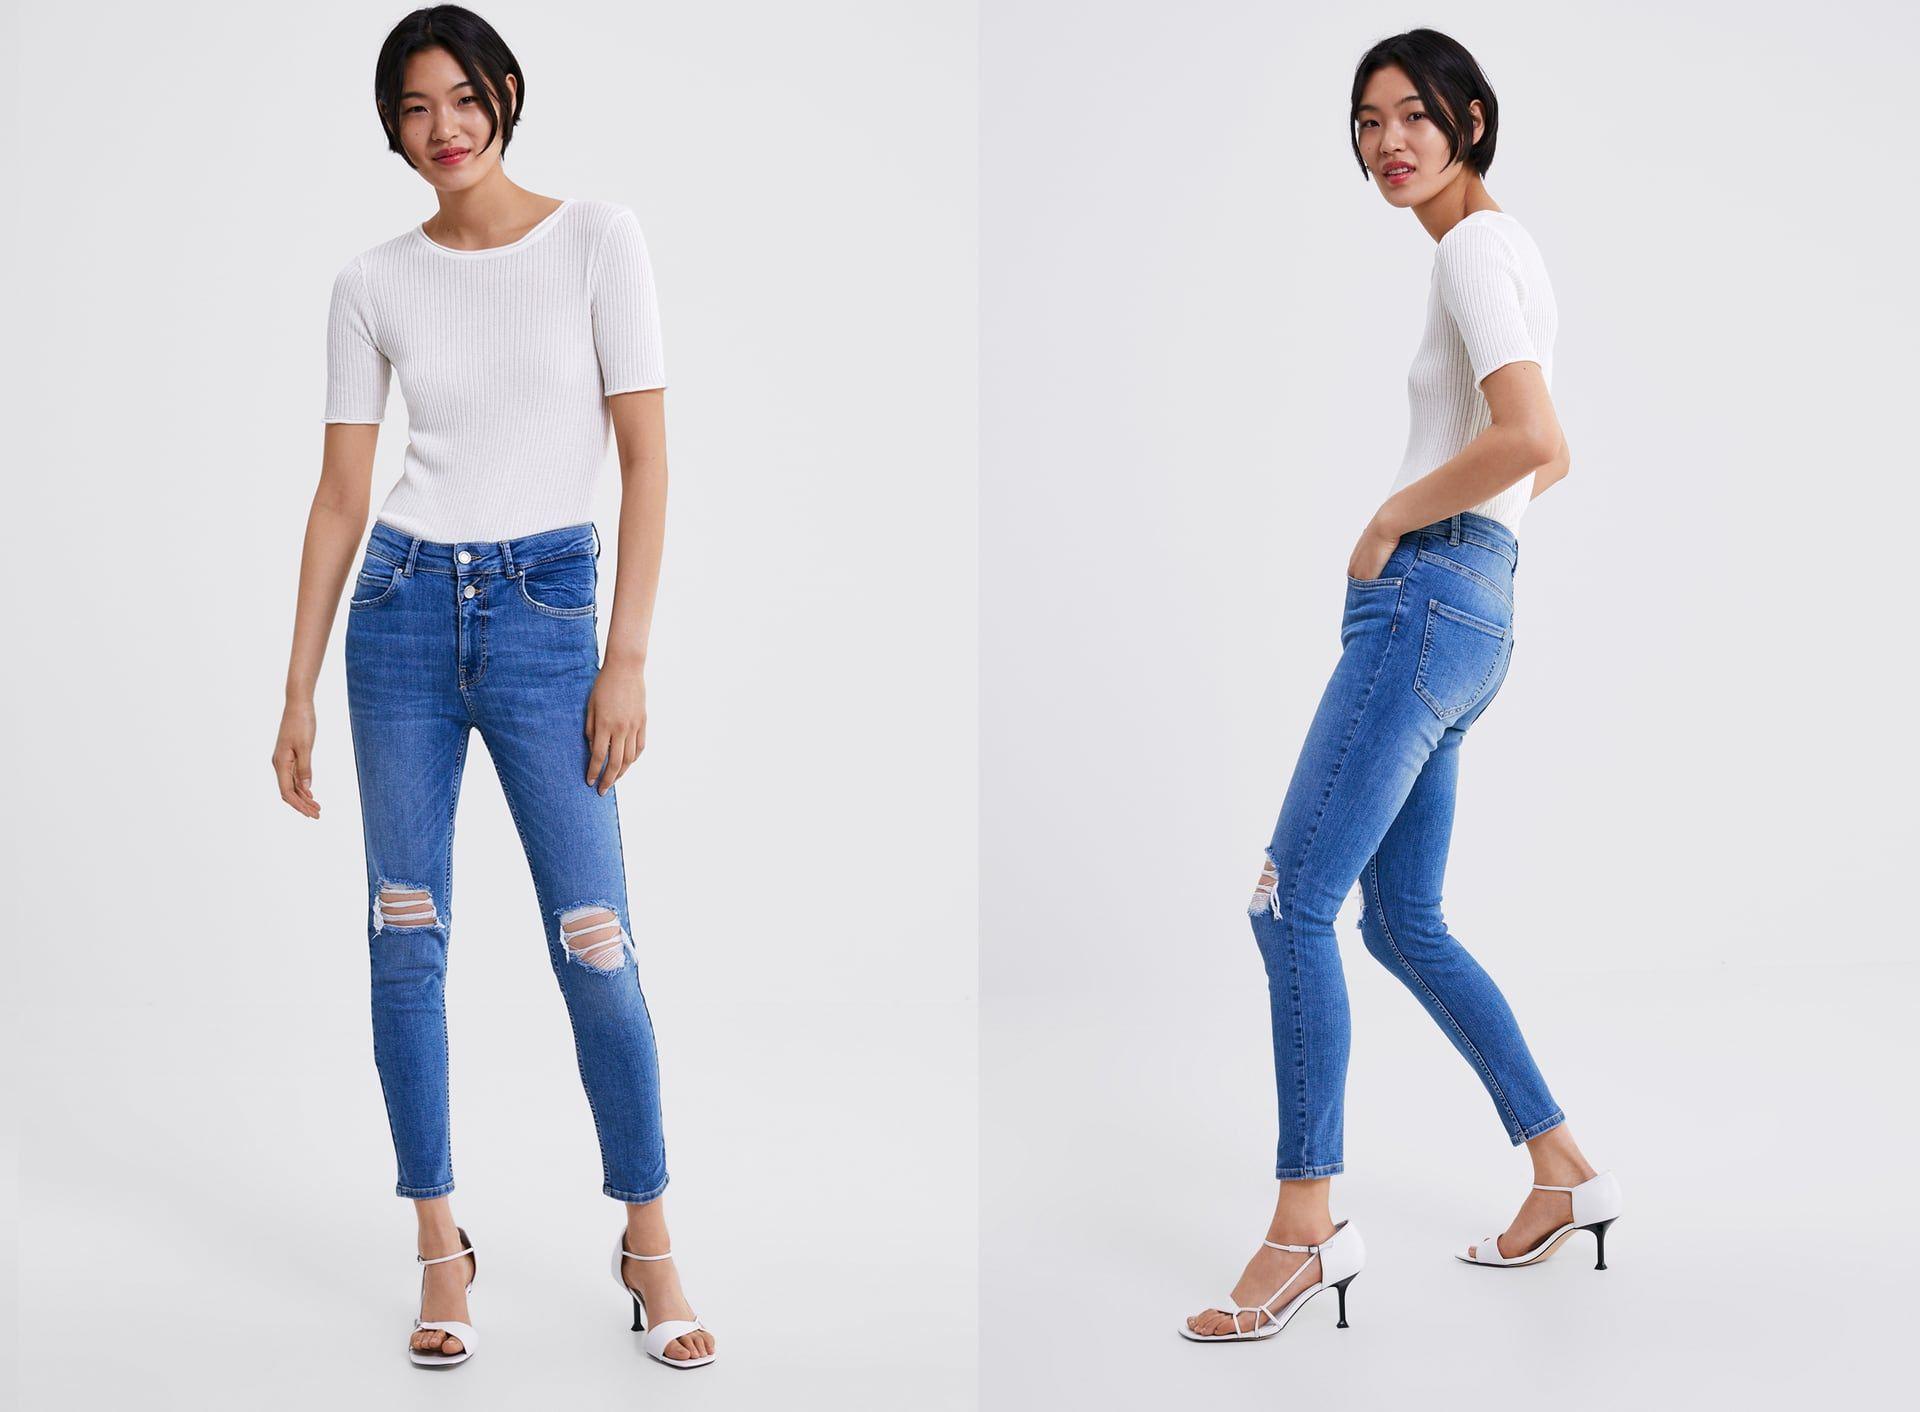 Vaqueros Y Jeans Para Mujer Nueva Coleccion Online Zara Colombia Jeans Mujer Zara Online Zara